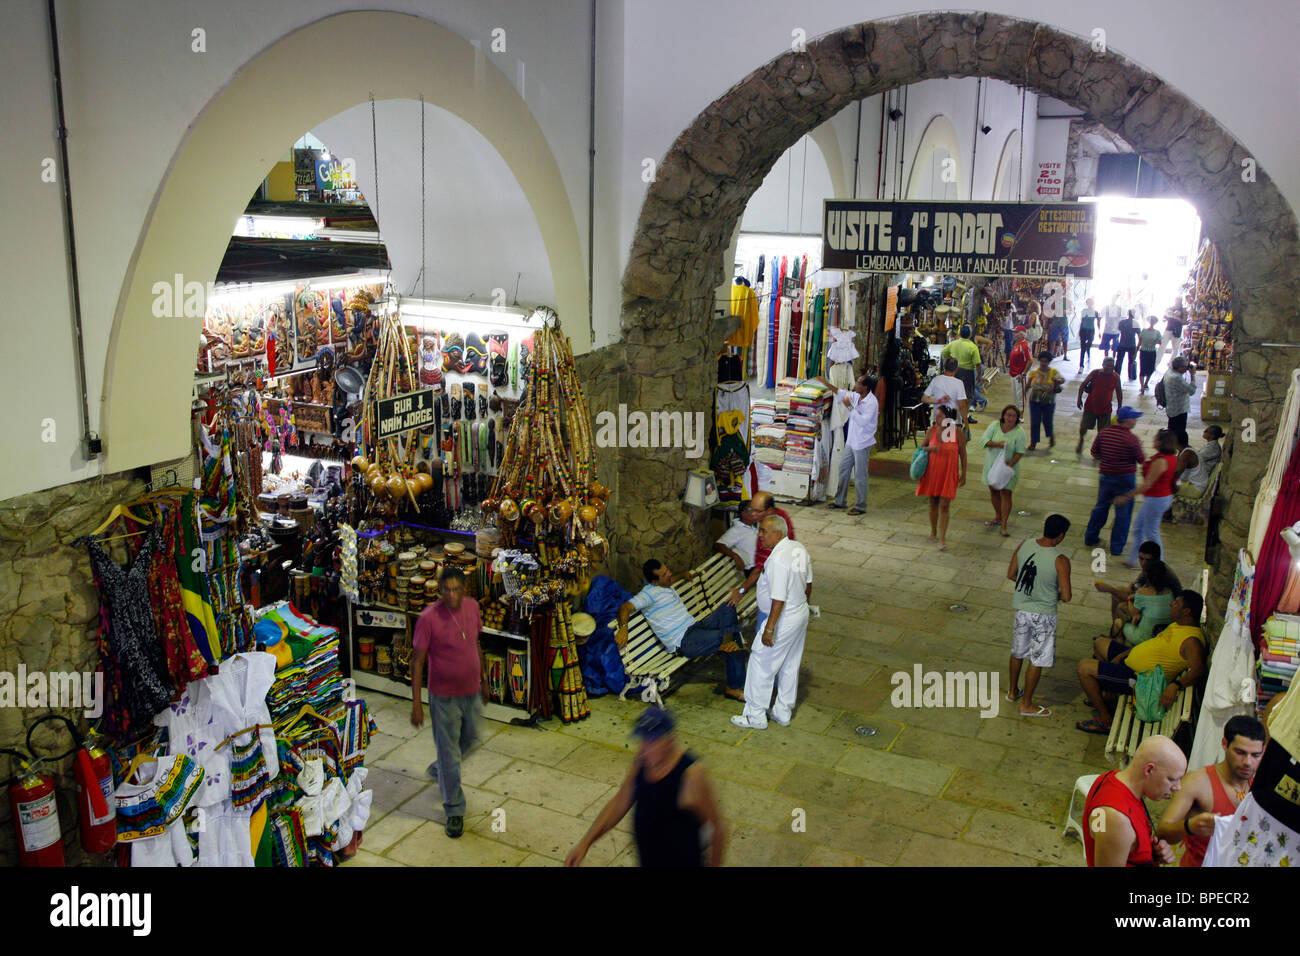 Mercado Modelo, Salvador, Bahia, Brazil. - Stock Image